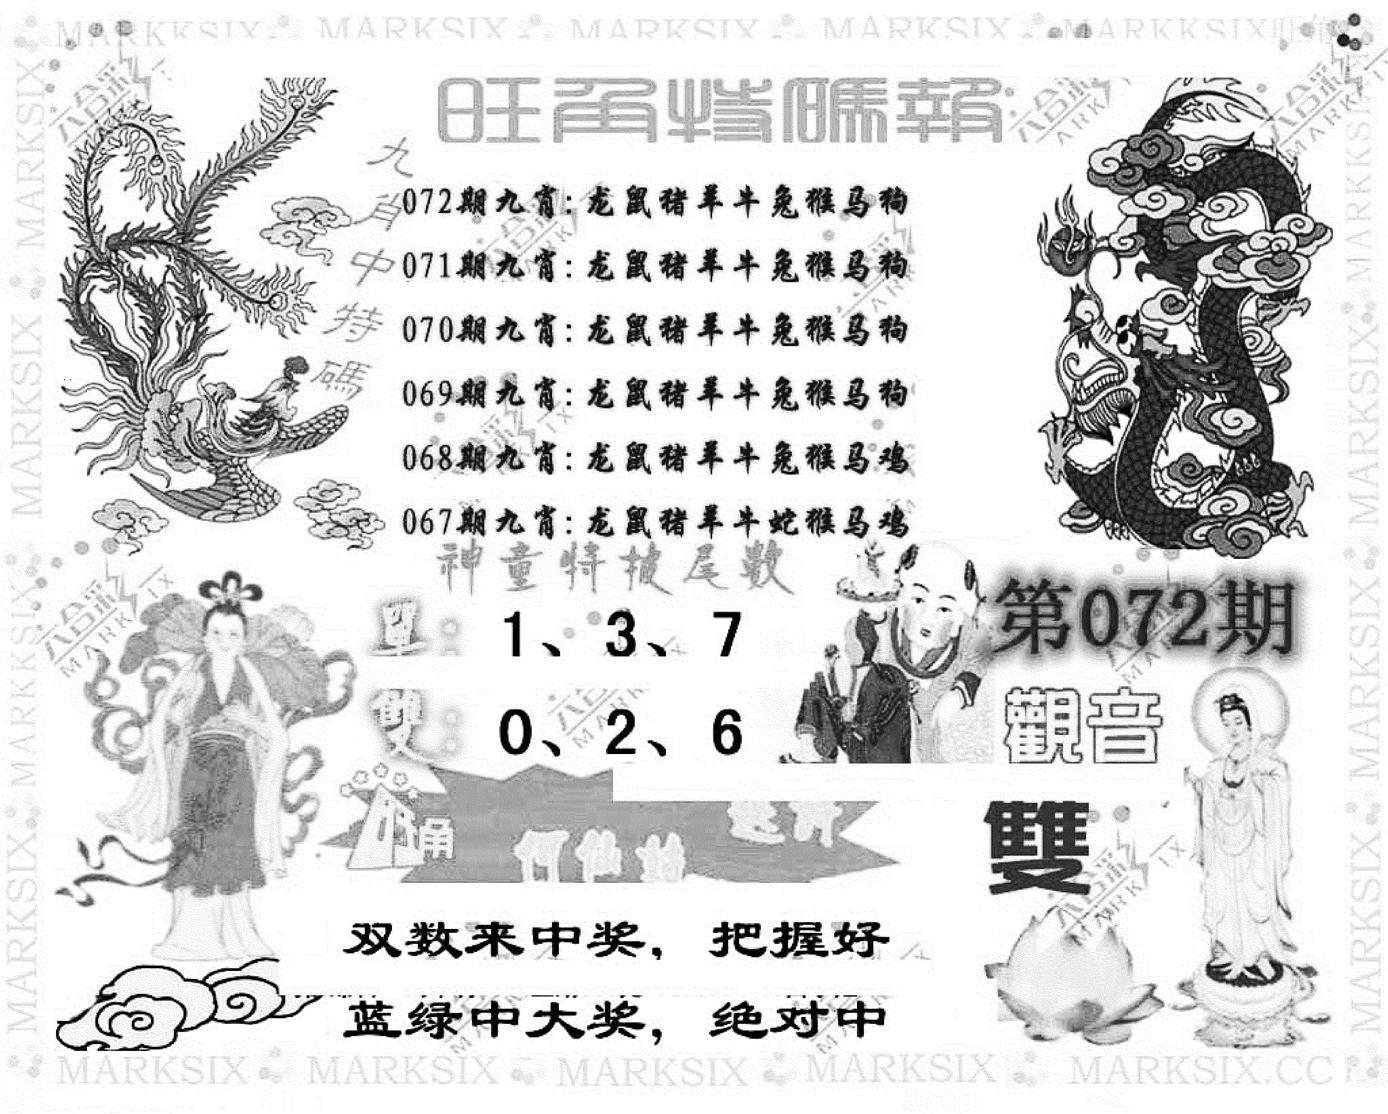 072期旺角特码报(彩)(黑白)